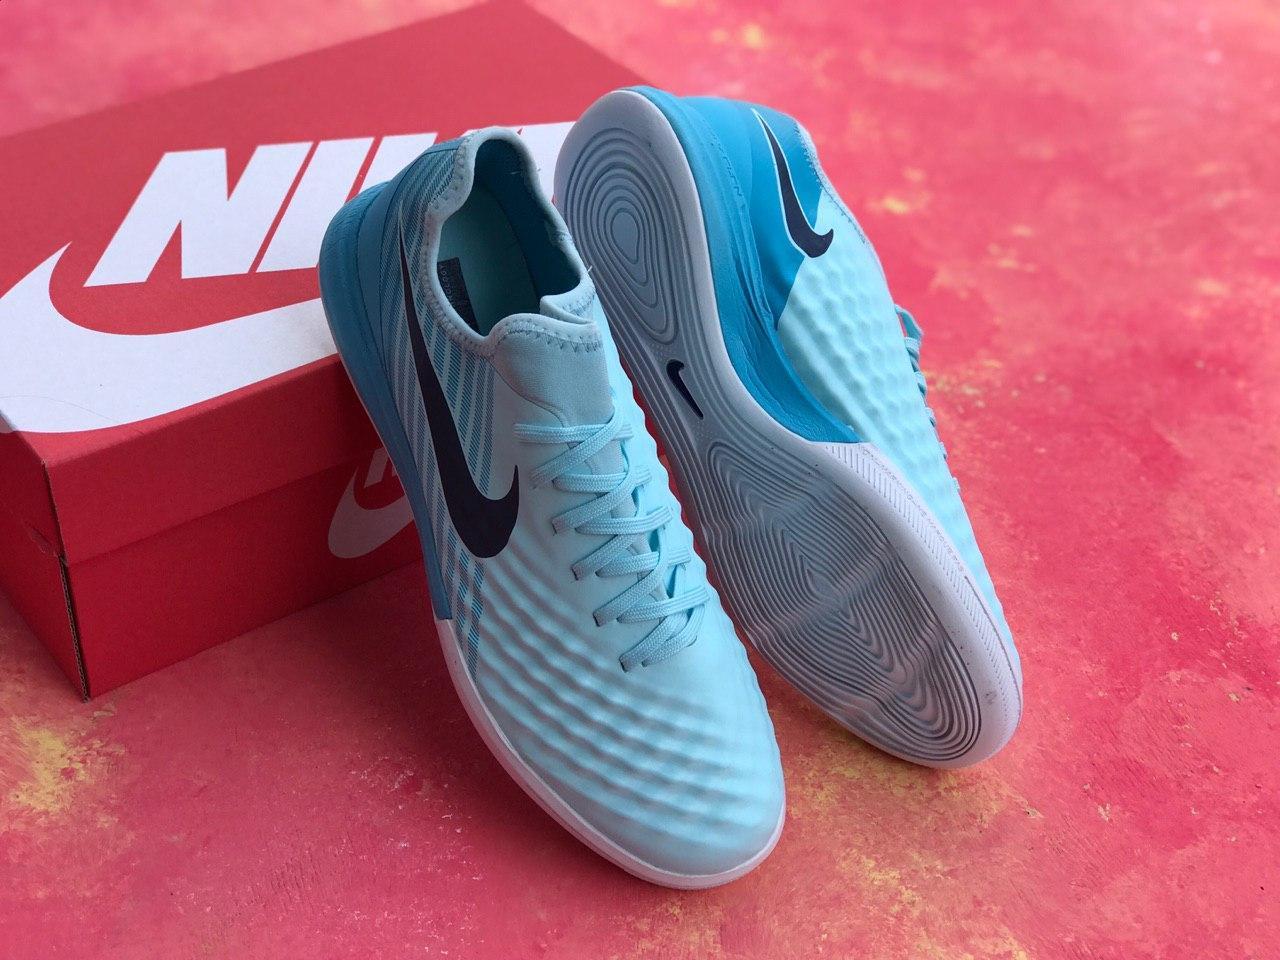 Футзалки  Nike Magista TF/найк магиста/футбольная обувь - 39